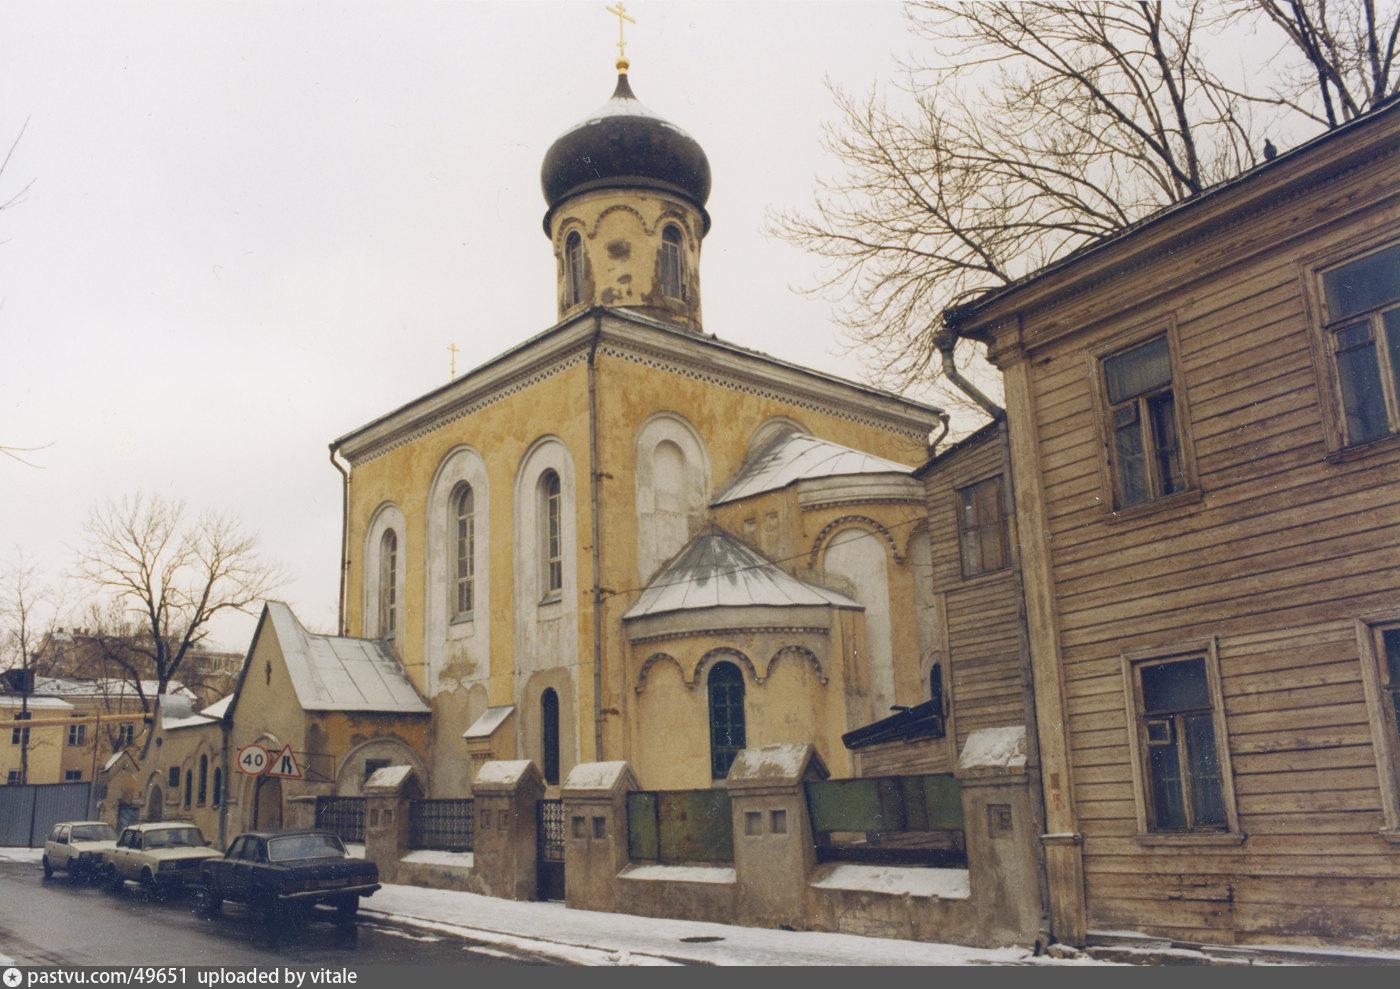 1999 г. Фото из личного архива Виталия Царина. Источник: https://pastvu.com/p/49651